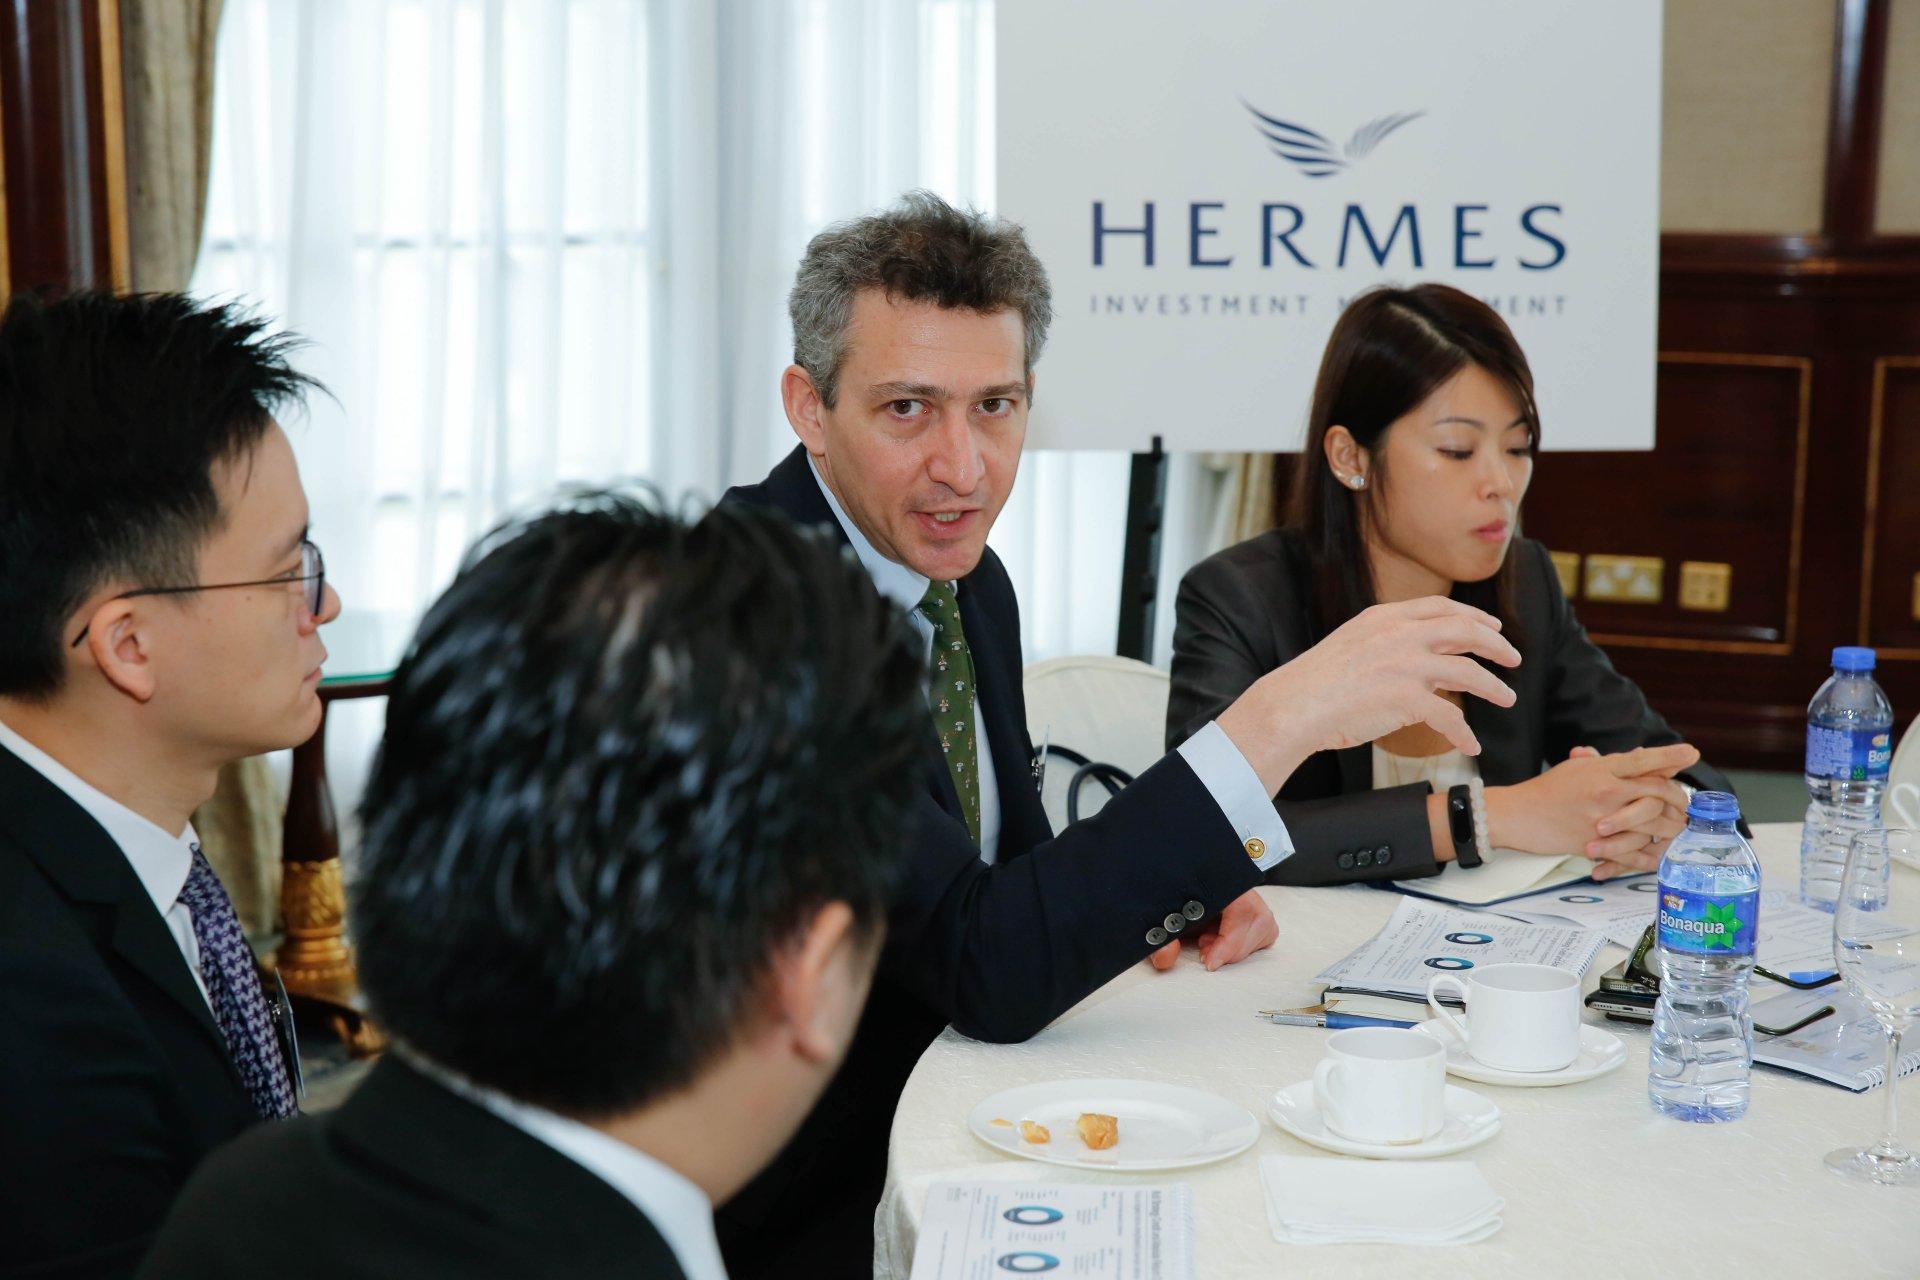 hermes2